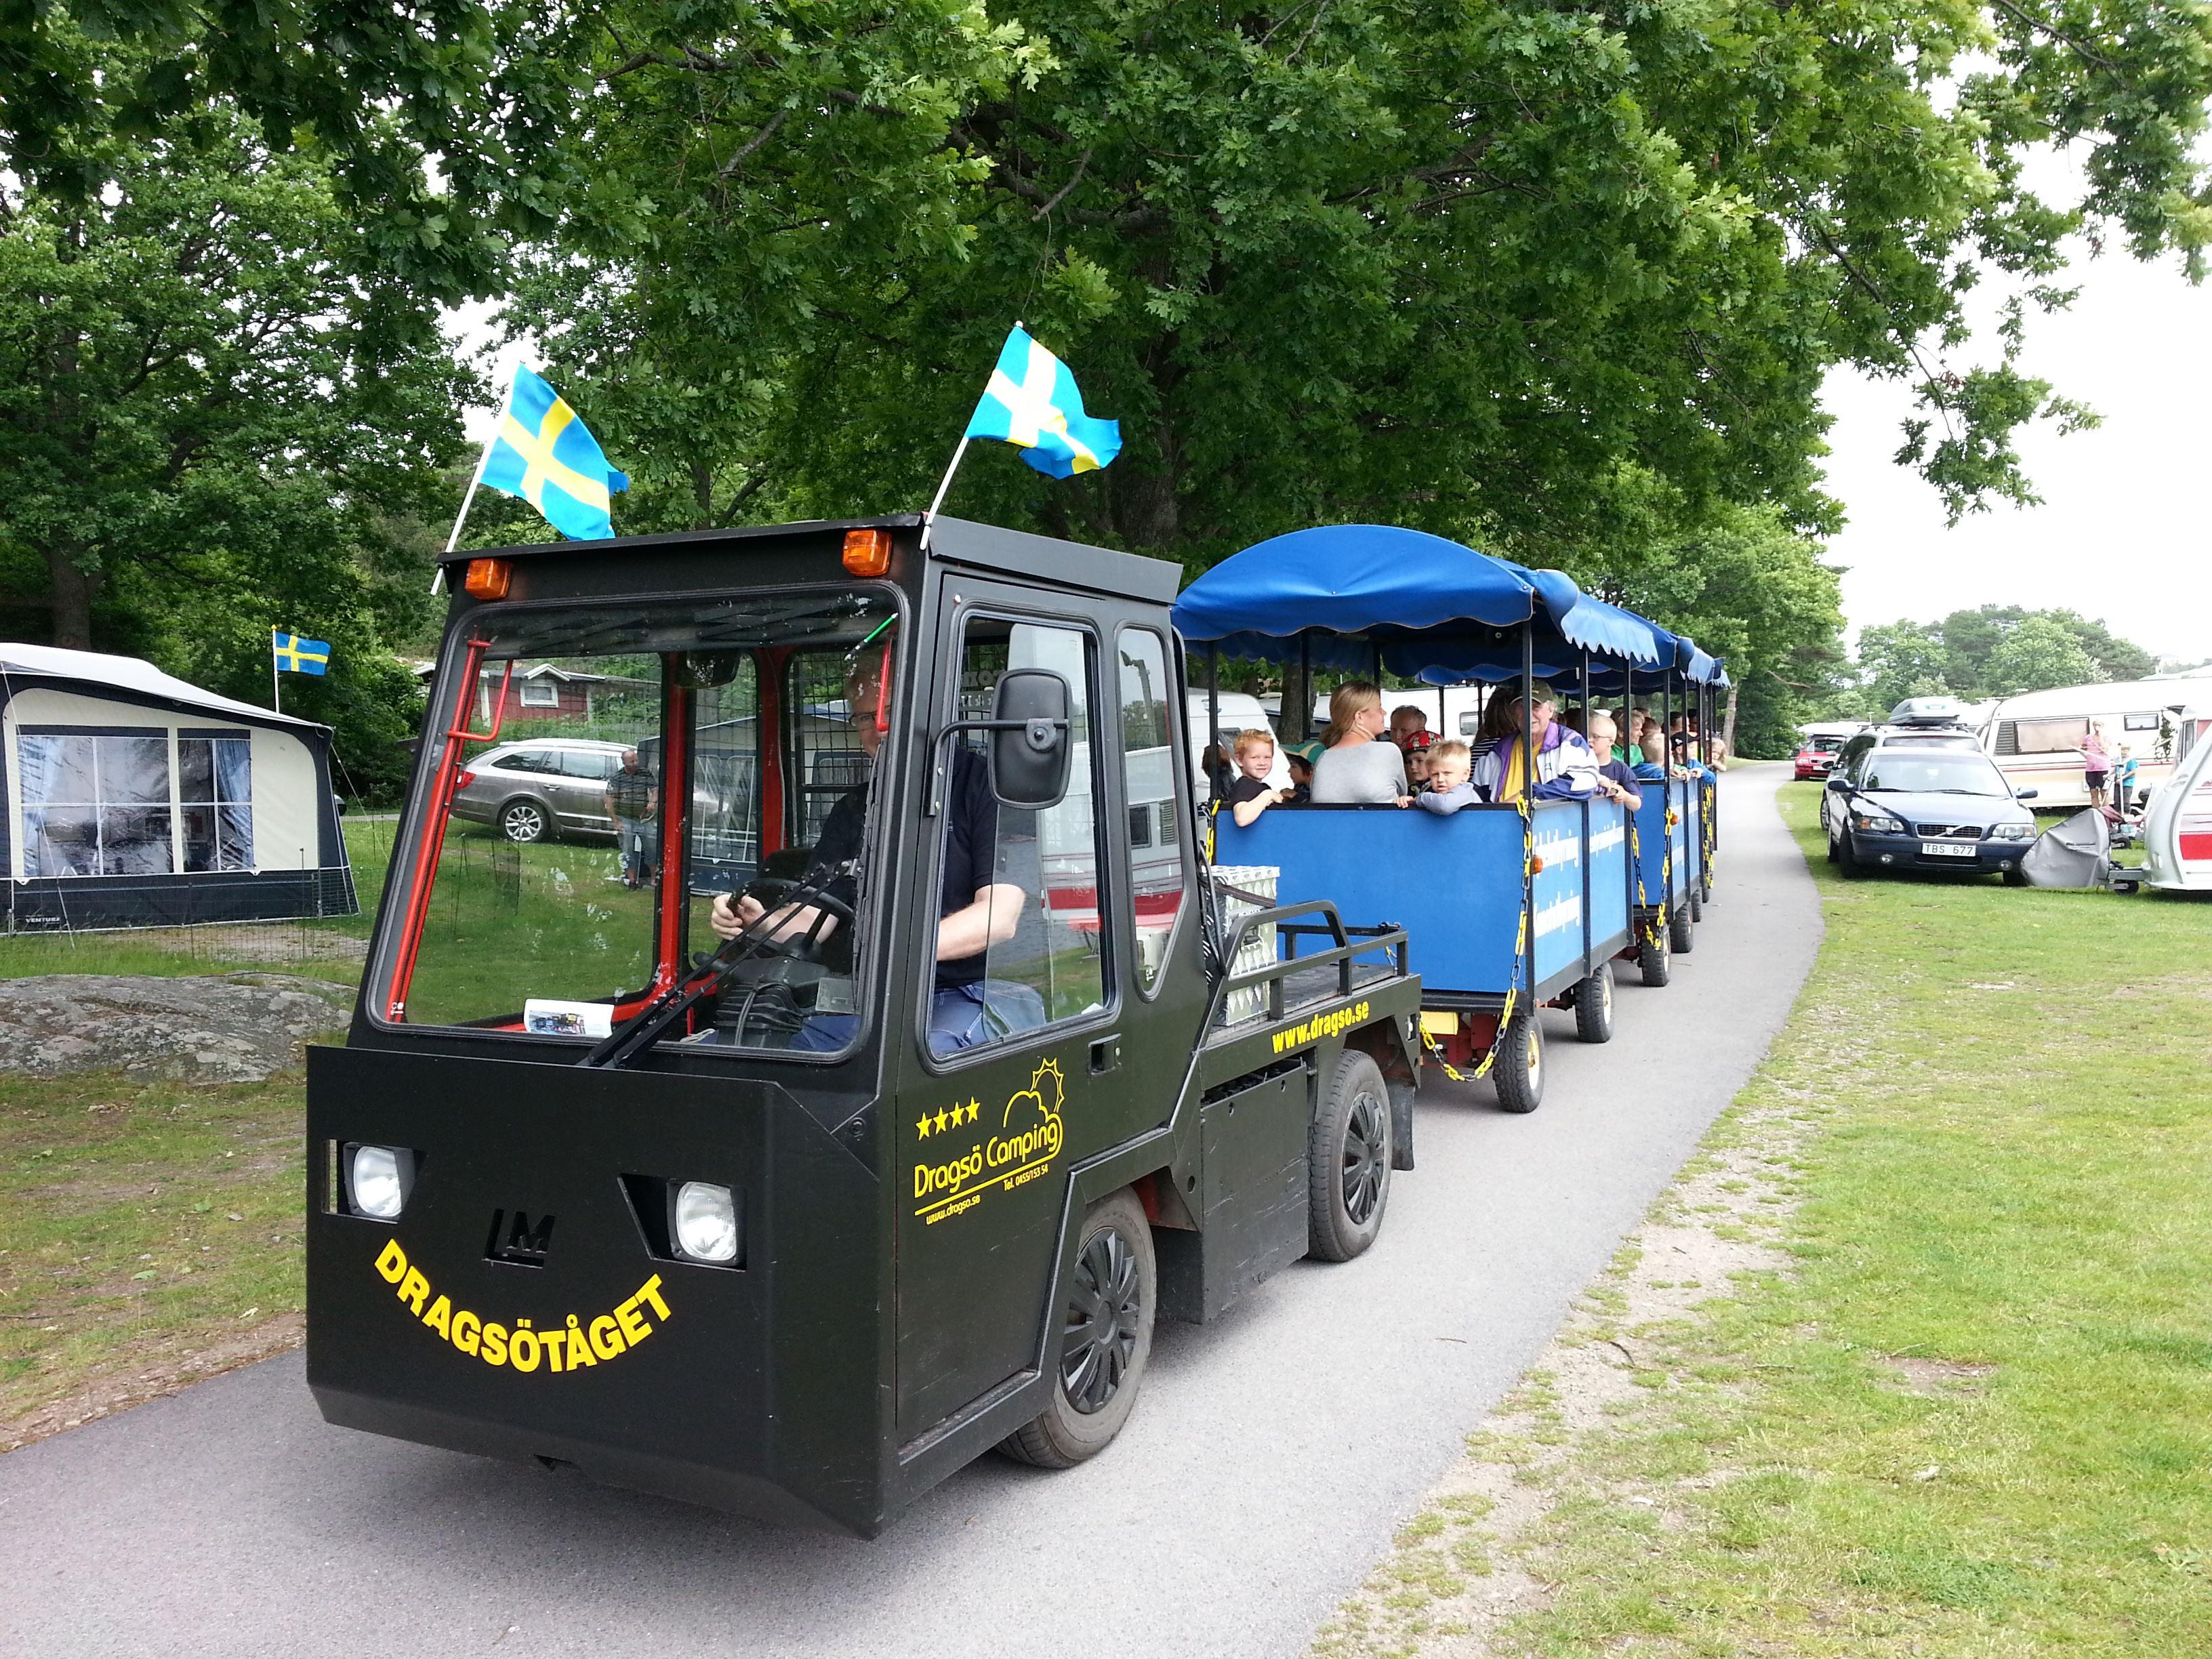 Minitåg - Dragsötåget